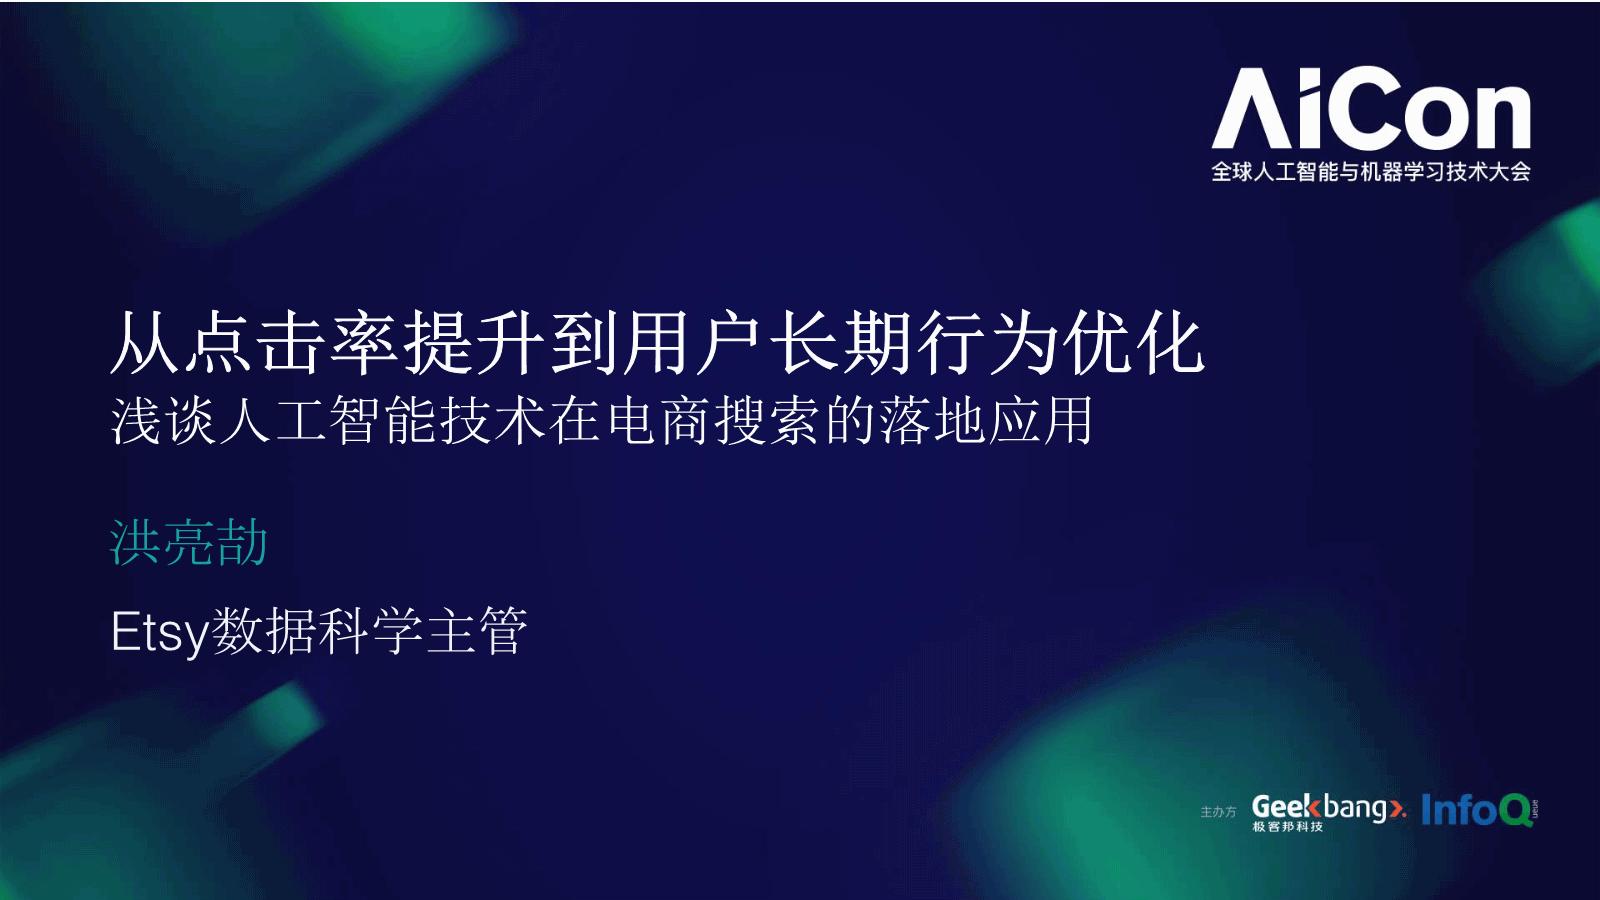 洪亮劼-从点击率提升到用户长期行为优化浅谈人工智能技术在电商搜索的落地应用